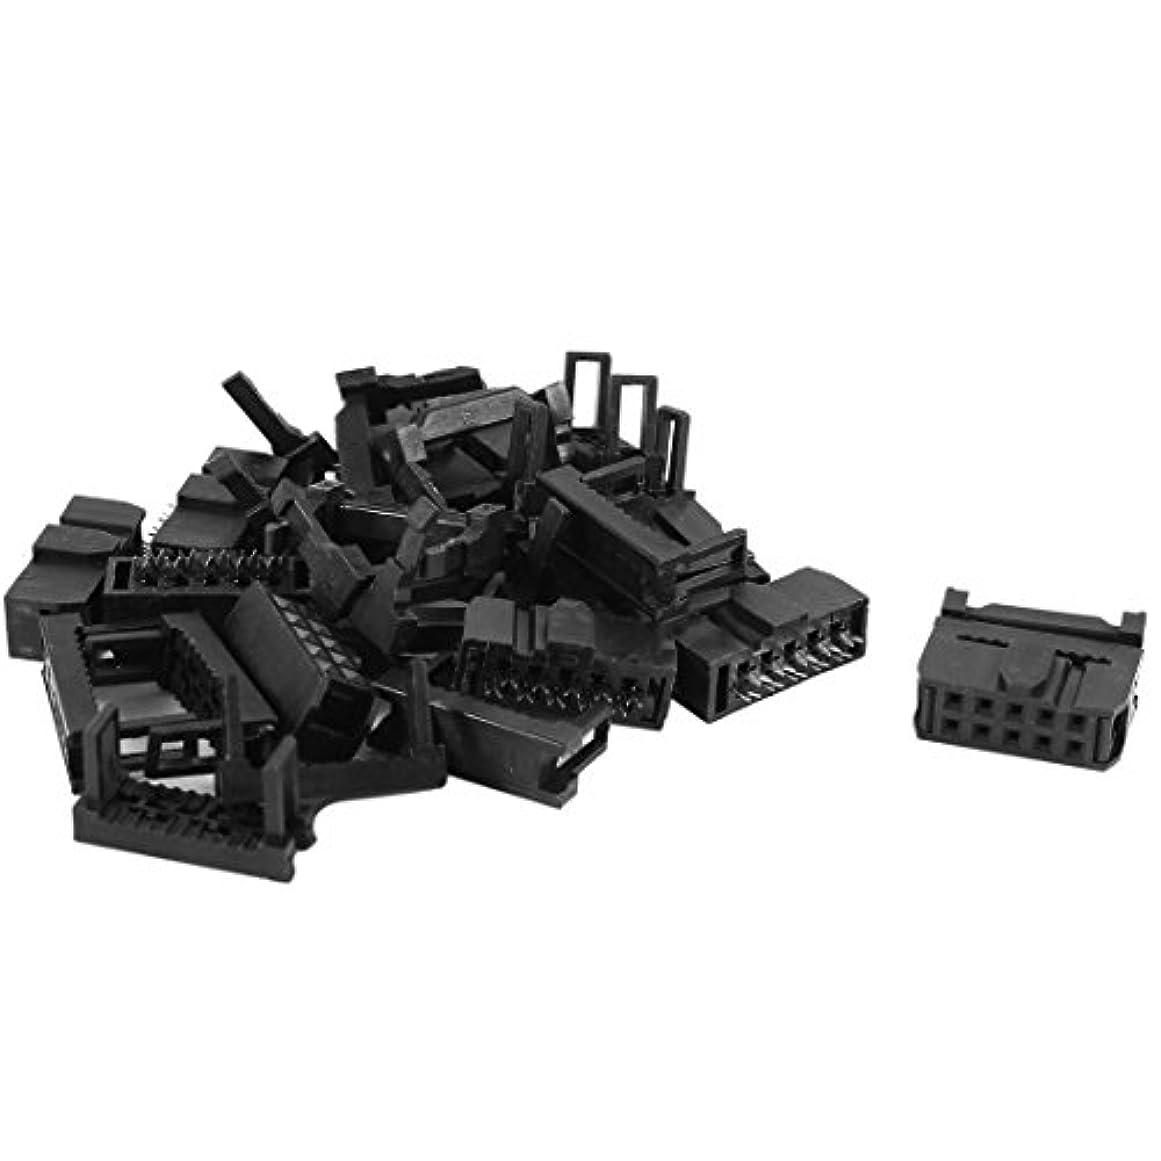 縁気配りのある面uxcell 3 1 JTAGソケット コネクタセット IDCソケットコネクタ 3 1 JTAGソケット連結器セット 10個 フラットケーブル 10ピン 2.54mm